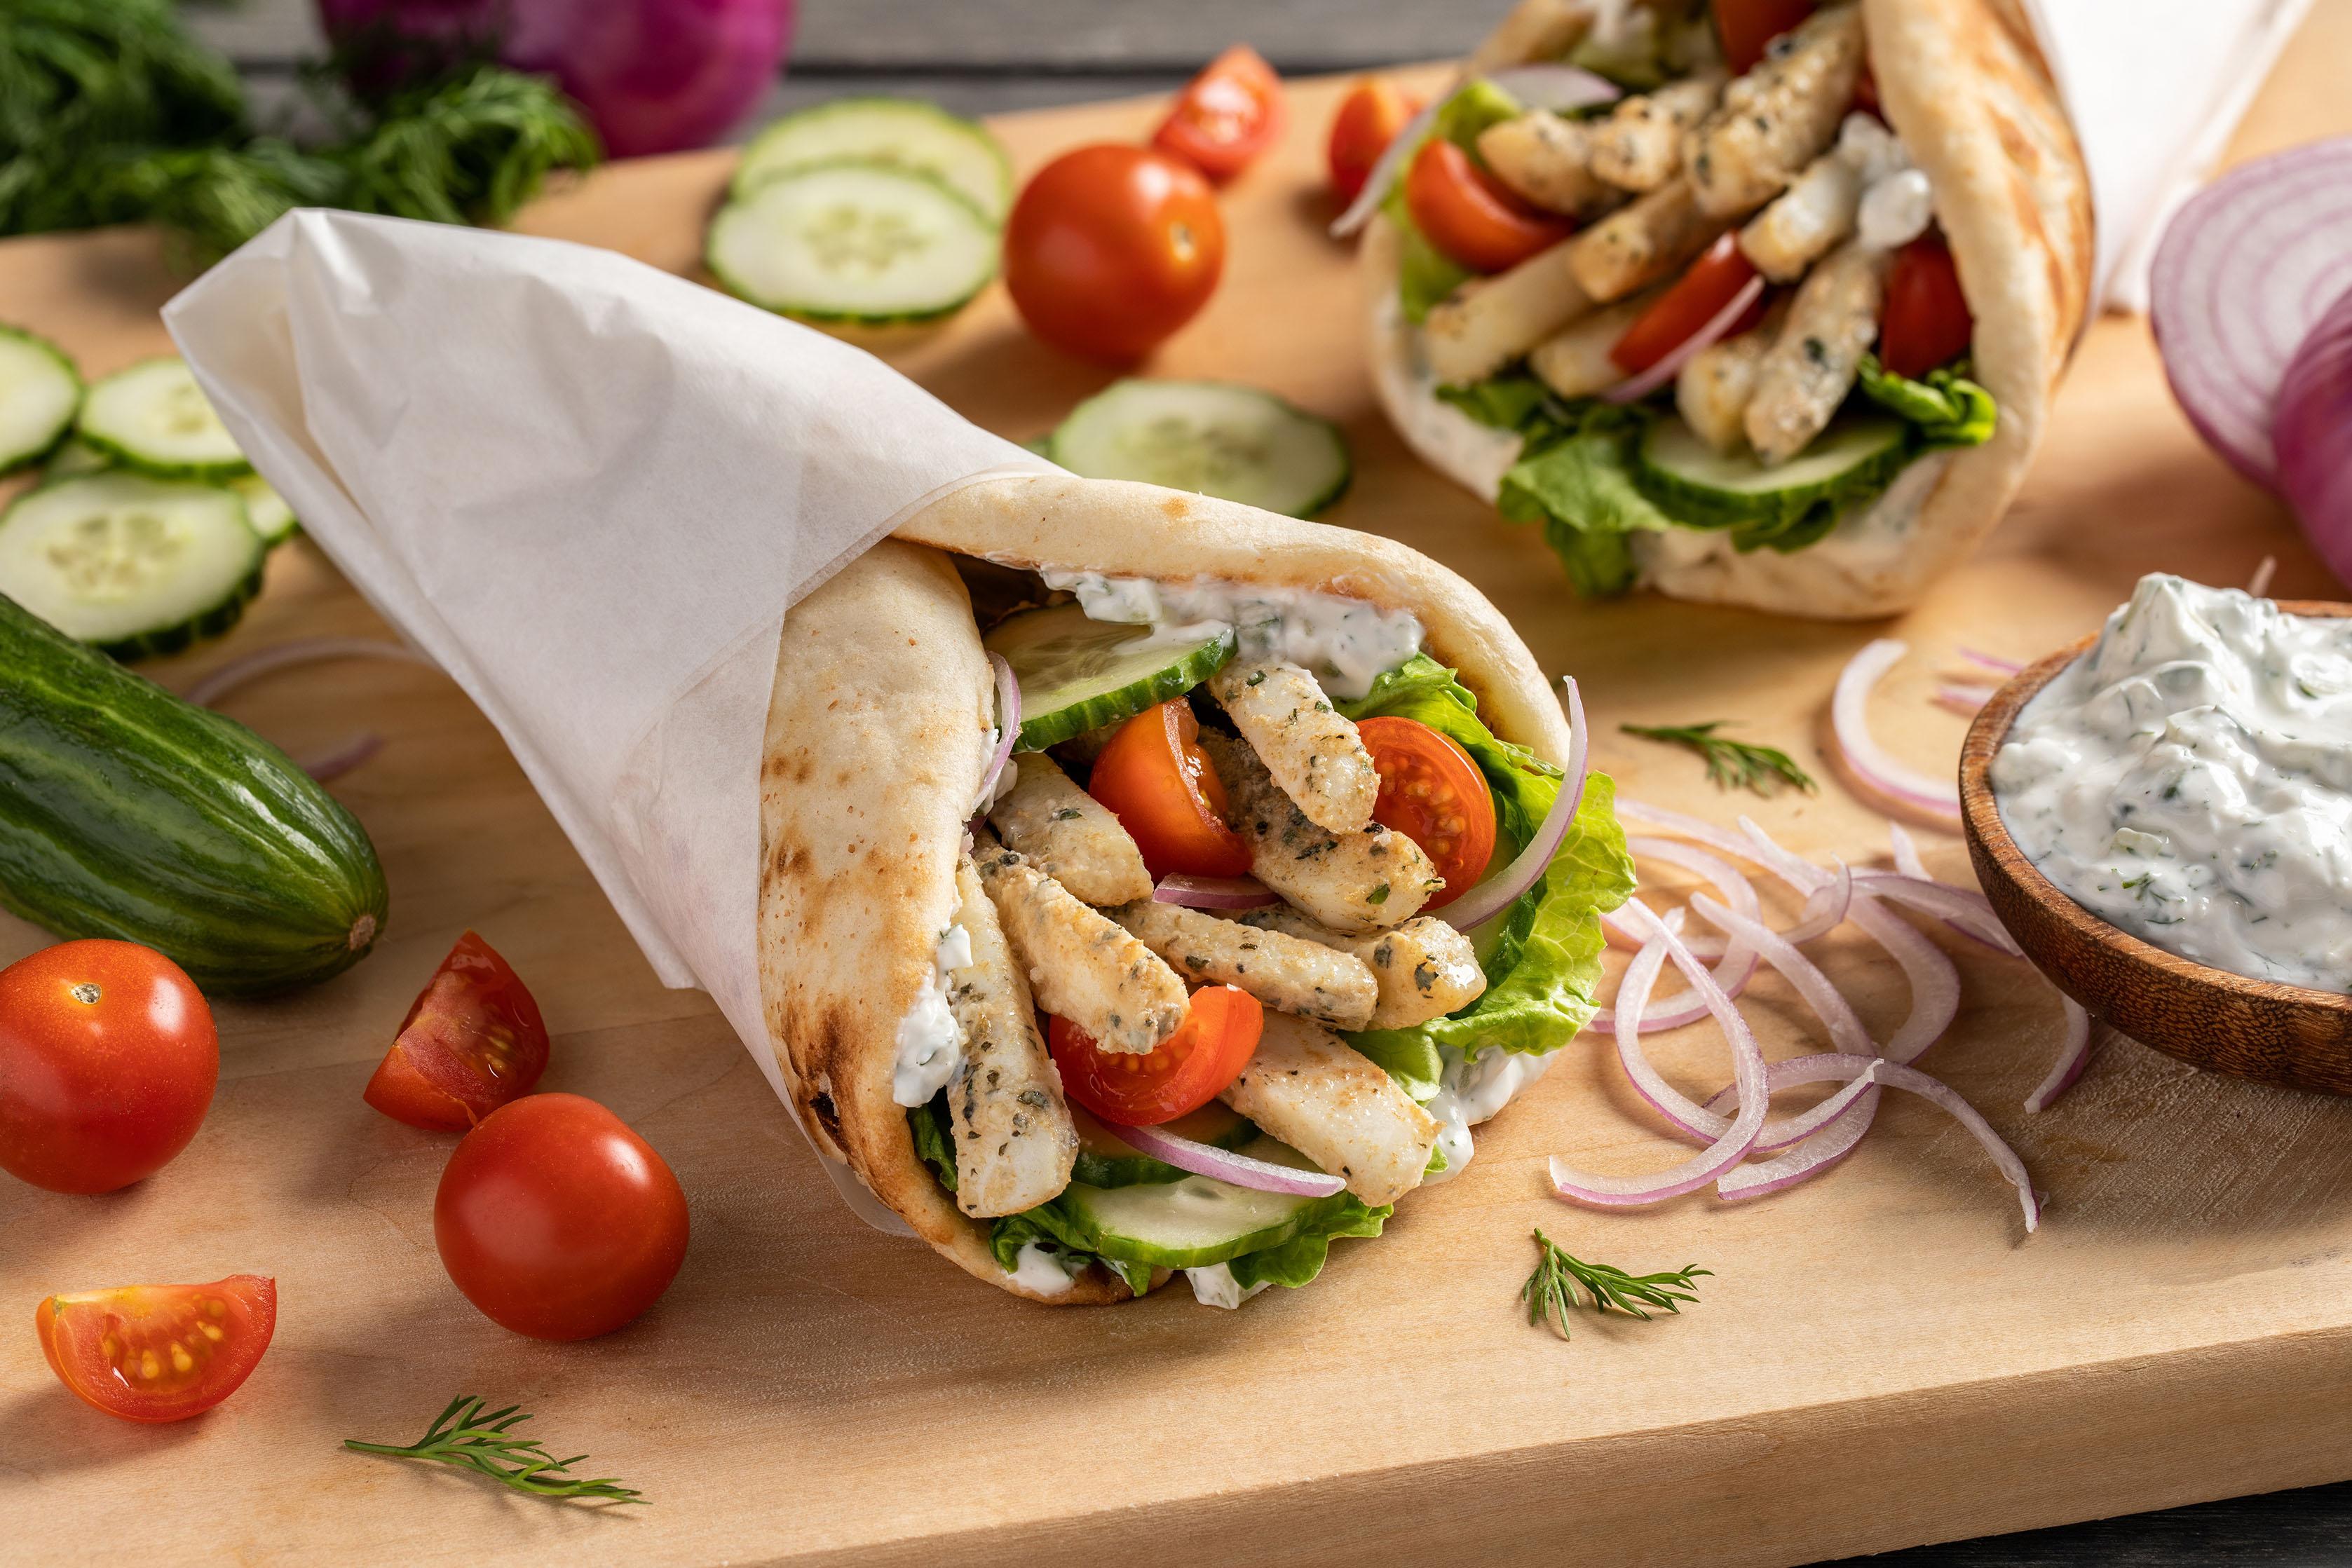 A gyro wrap with calamari strips, lettuce, tomato, red onion, tzatziki sauce